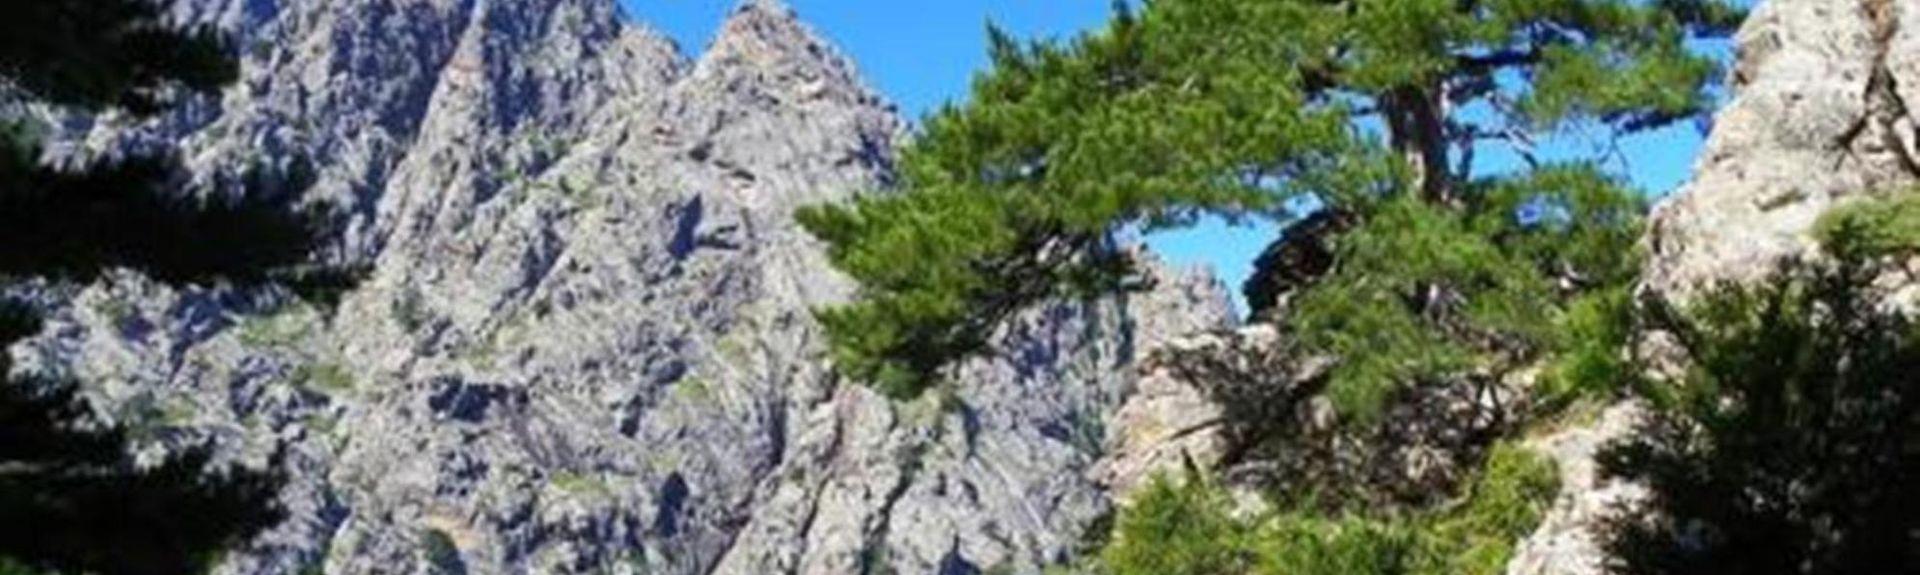 Vuurtoren van L'Île-Rousse, L'Ile-Rousse, Corsica, Frankrijk